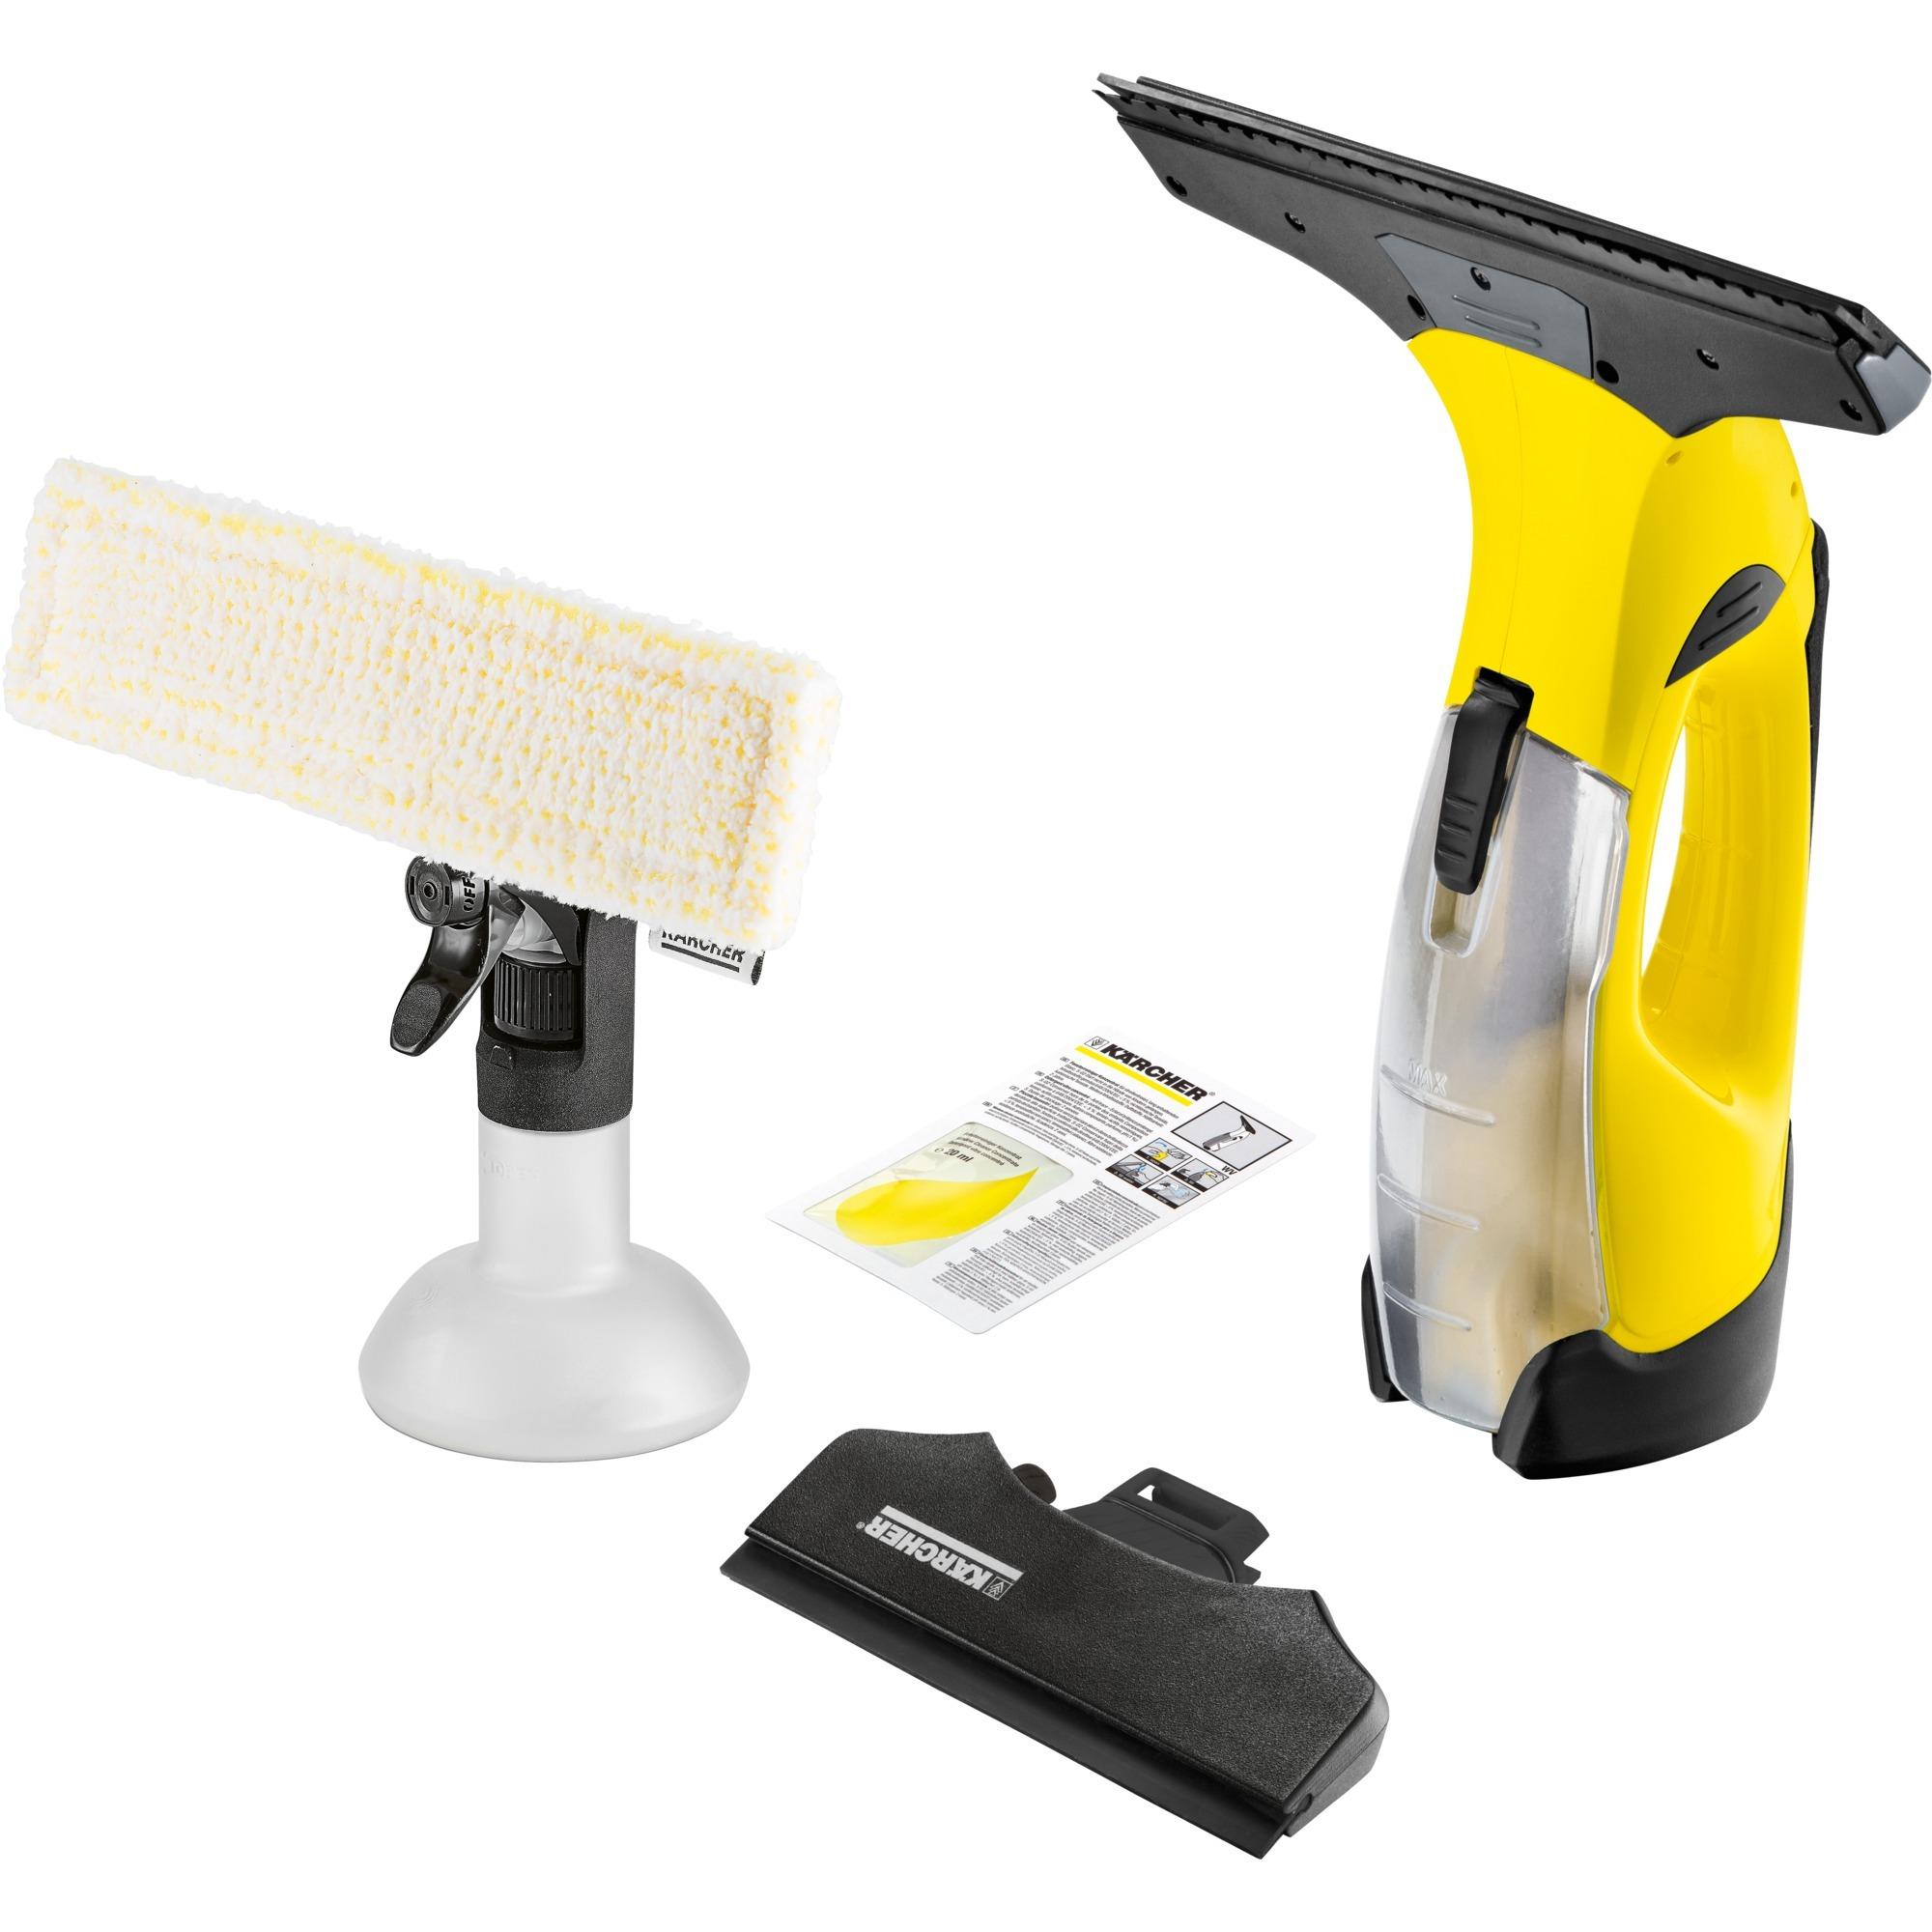 WV 5 Premium 0.1L Negro, Amarillo limpiador eléctrico ventana, Aspiradora de ventanas